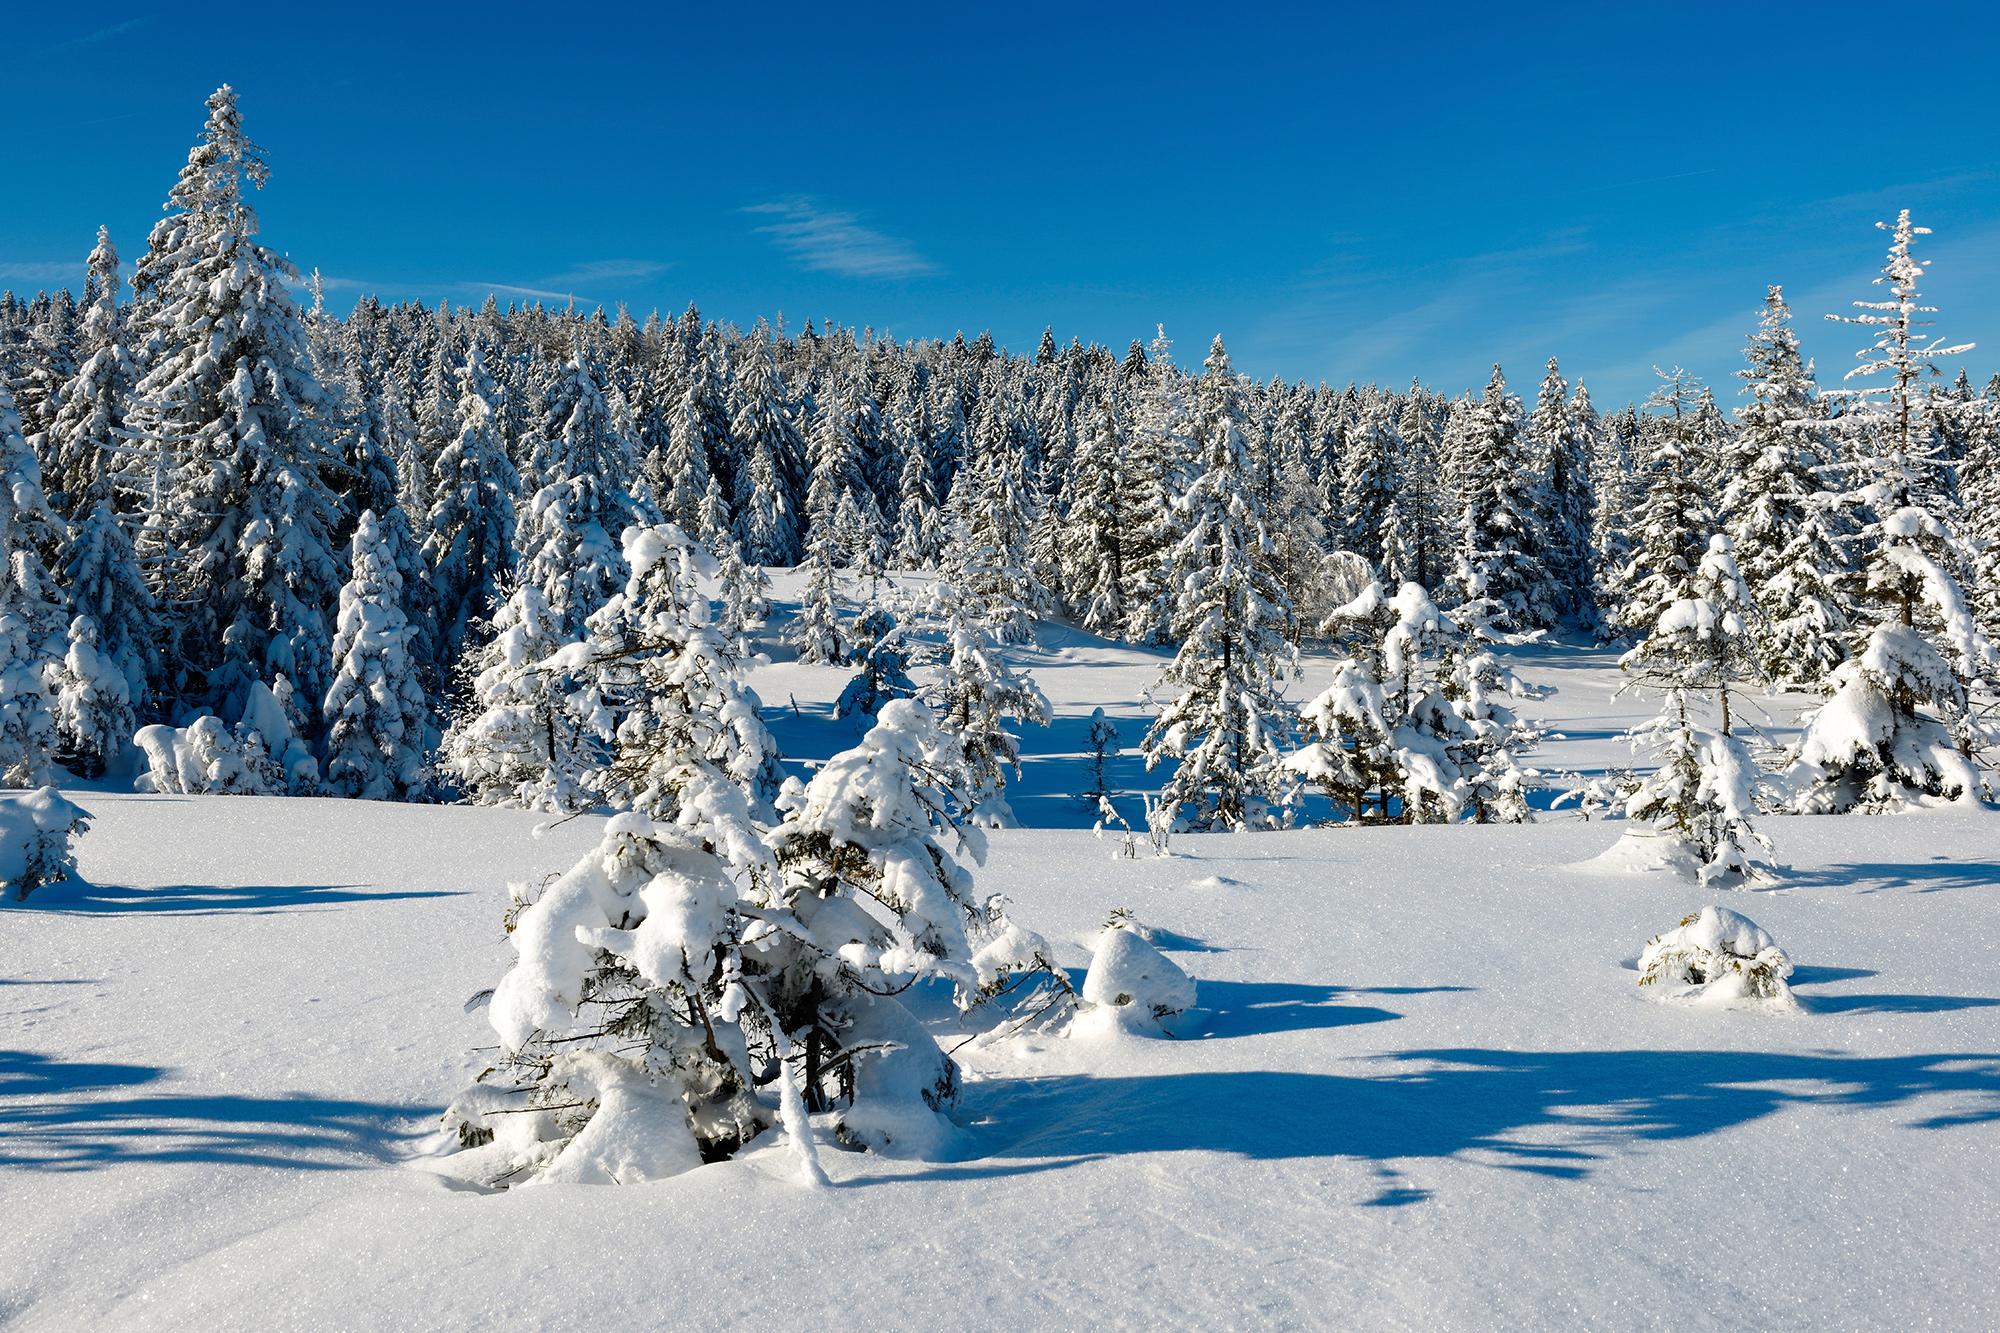 Weihnachten 2019 Schnee.Weihnachtsurlaub Weihnachten Am Strand Oder In Den Bergen Tui Com